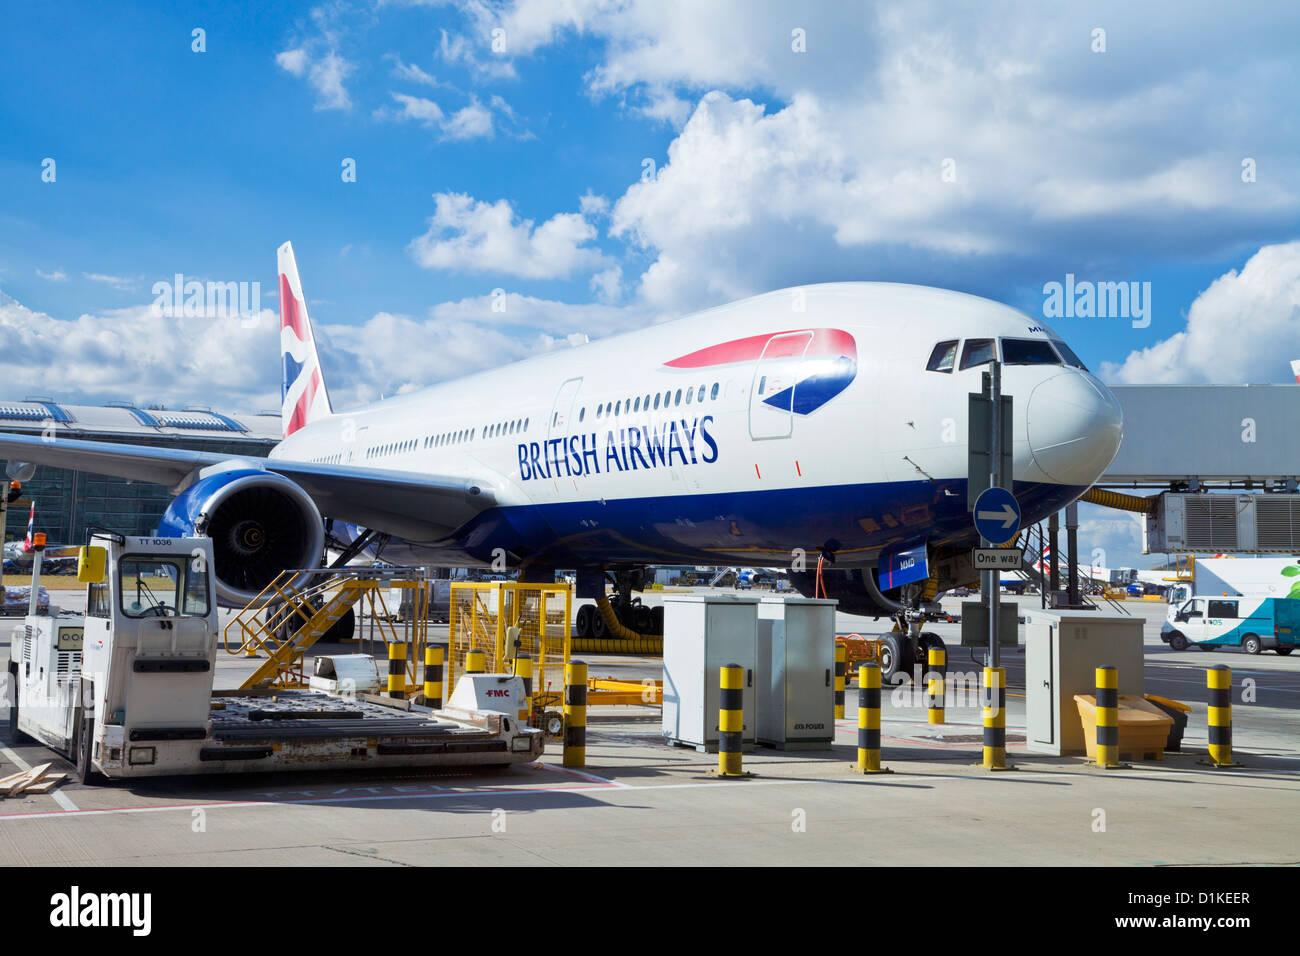 British Airways avion prêt pour l'embarquement d'être chargé avec les bagages et les repas Photo Stock